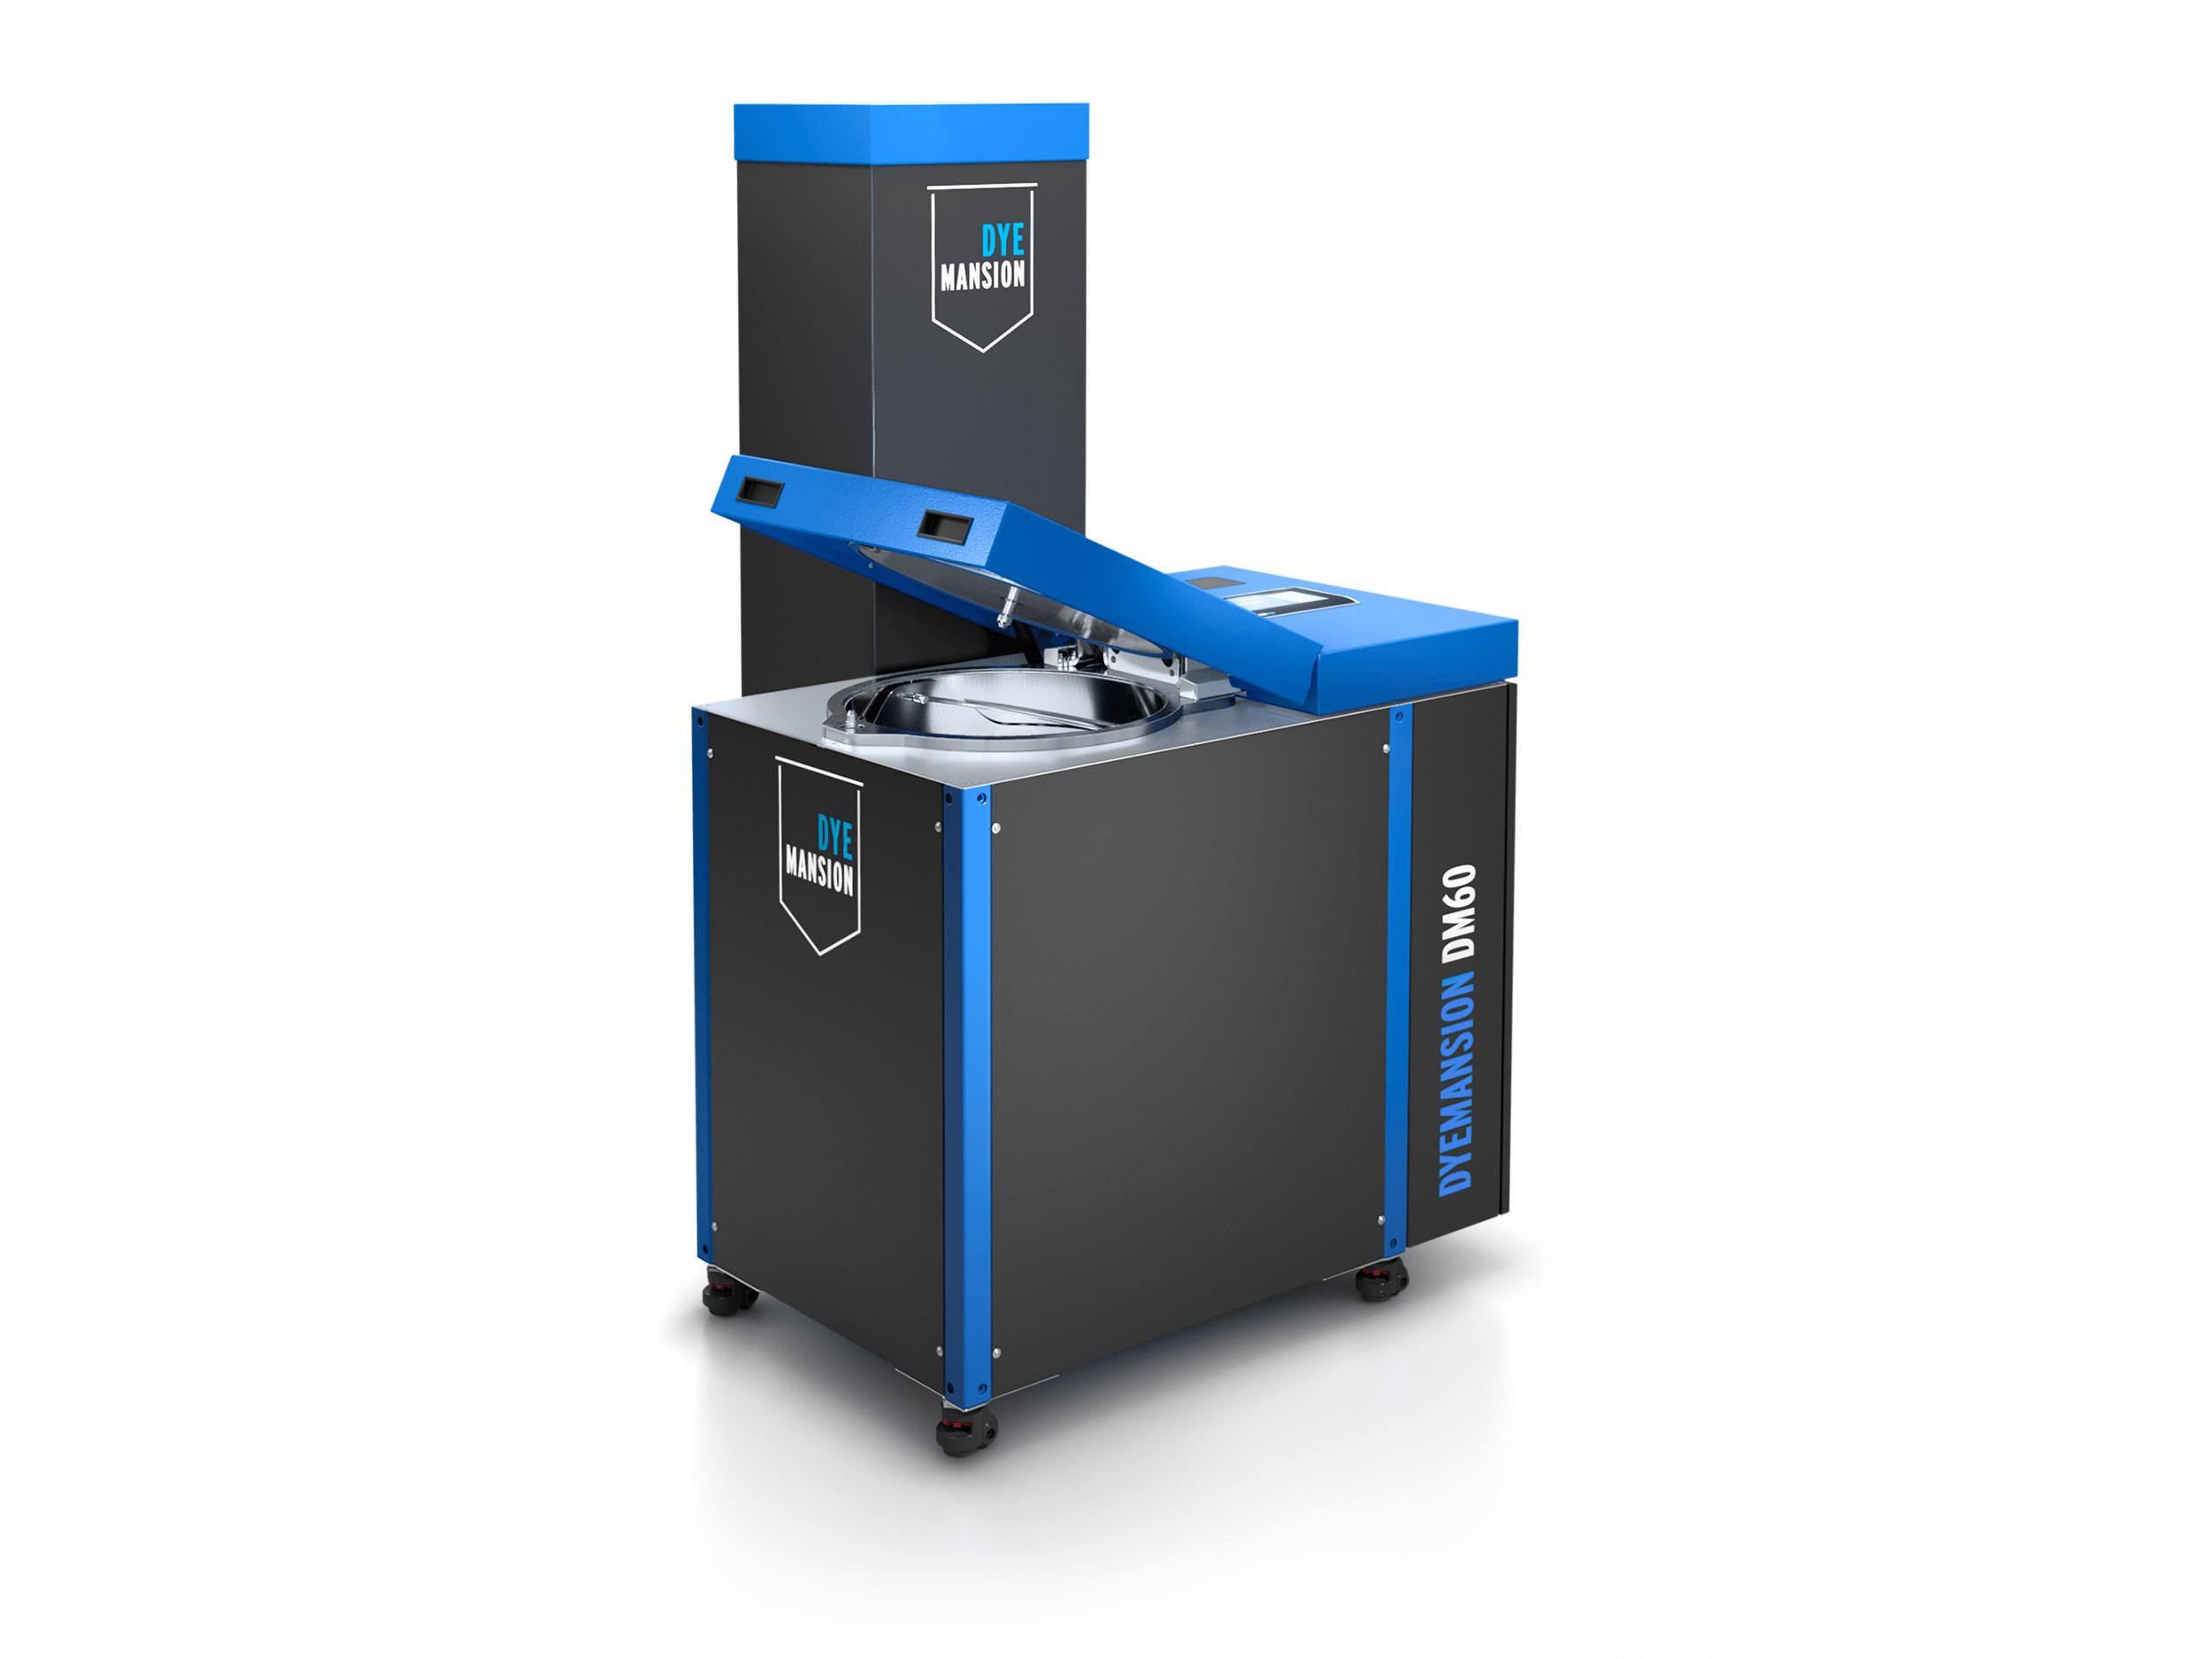 Grenzenlose Farbauswahl Einfärben von 3D-gedruckten Kunststoffteilen ISO-zertifizierte Farben DeepDye Coloring (DDC)